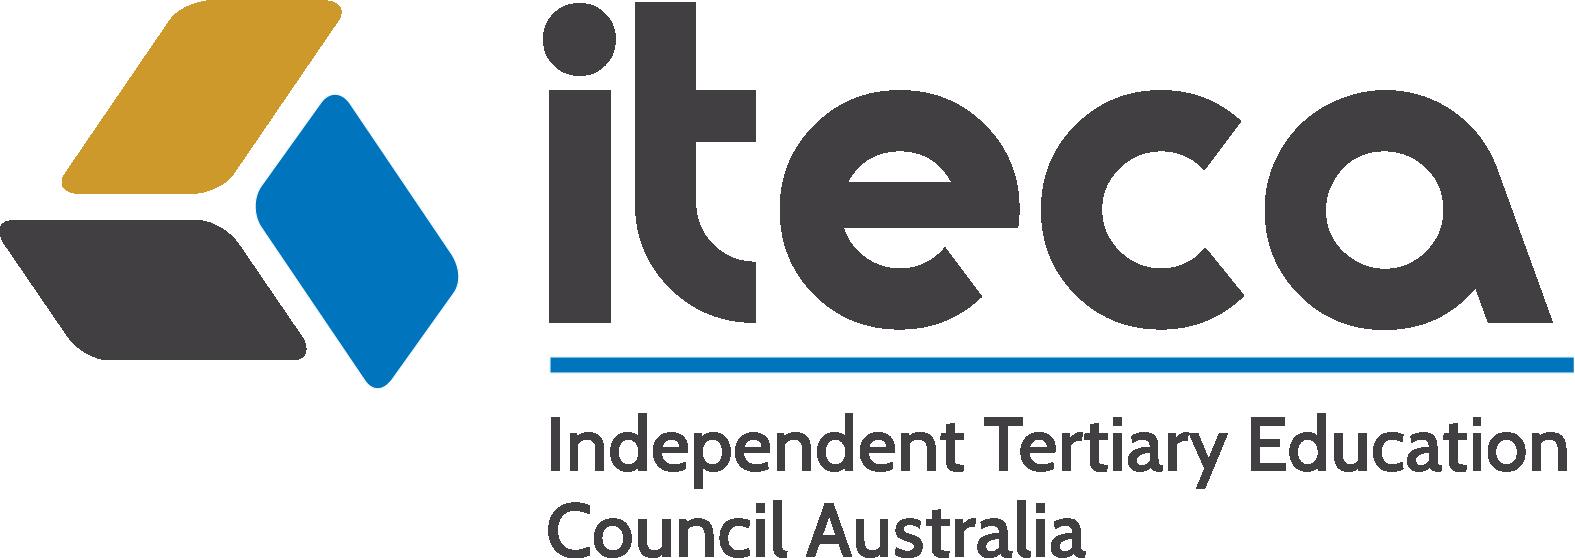 ITECA logo